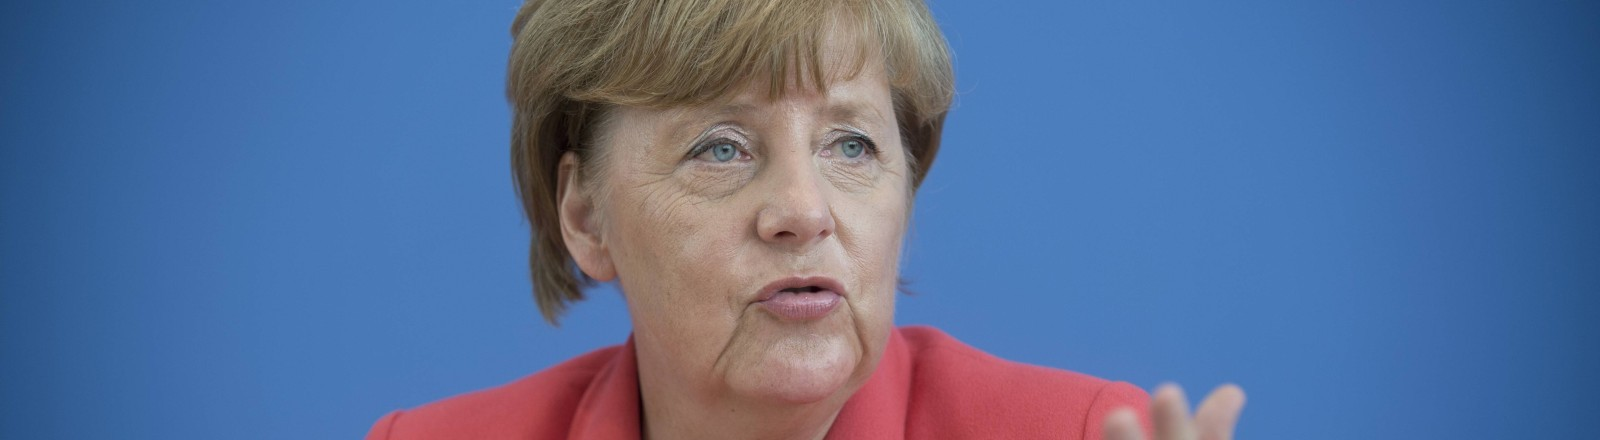 Angela Merkel bei der Bundespressekonferenz im August 2015